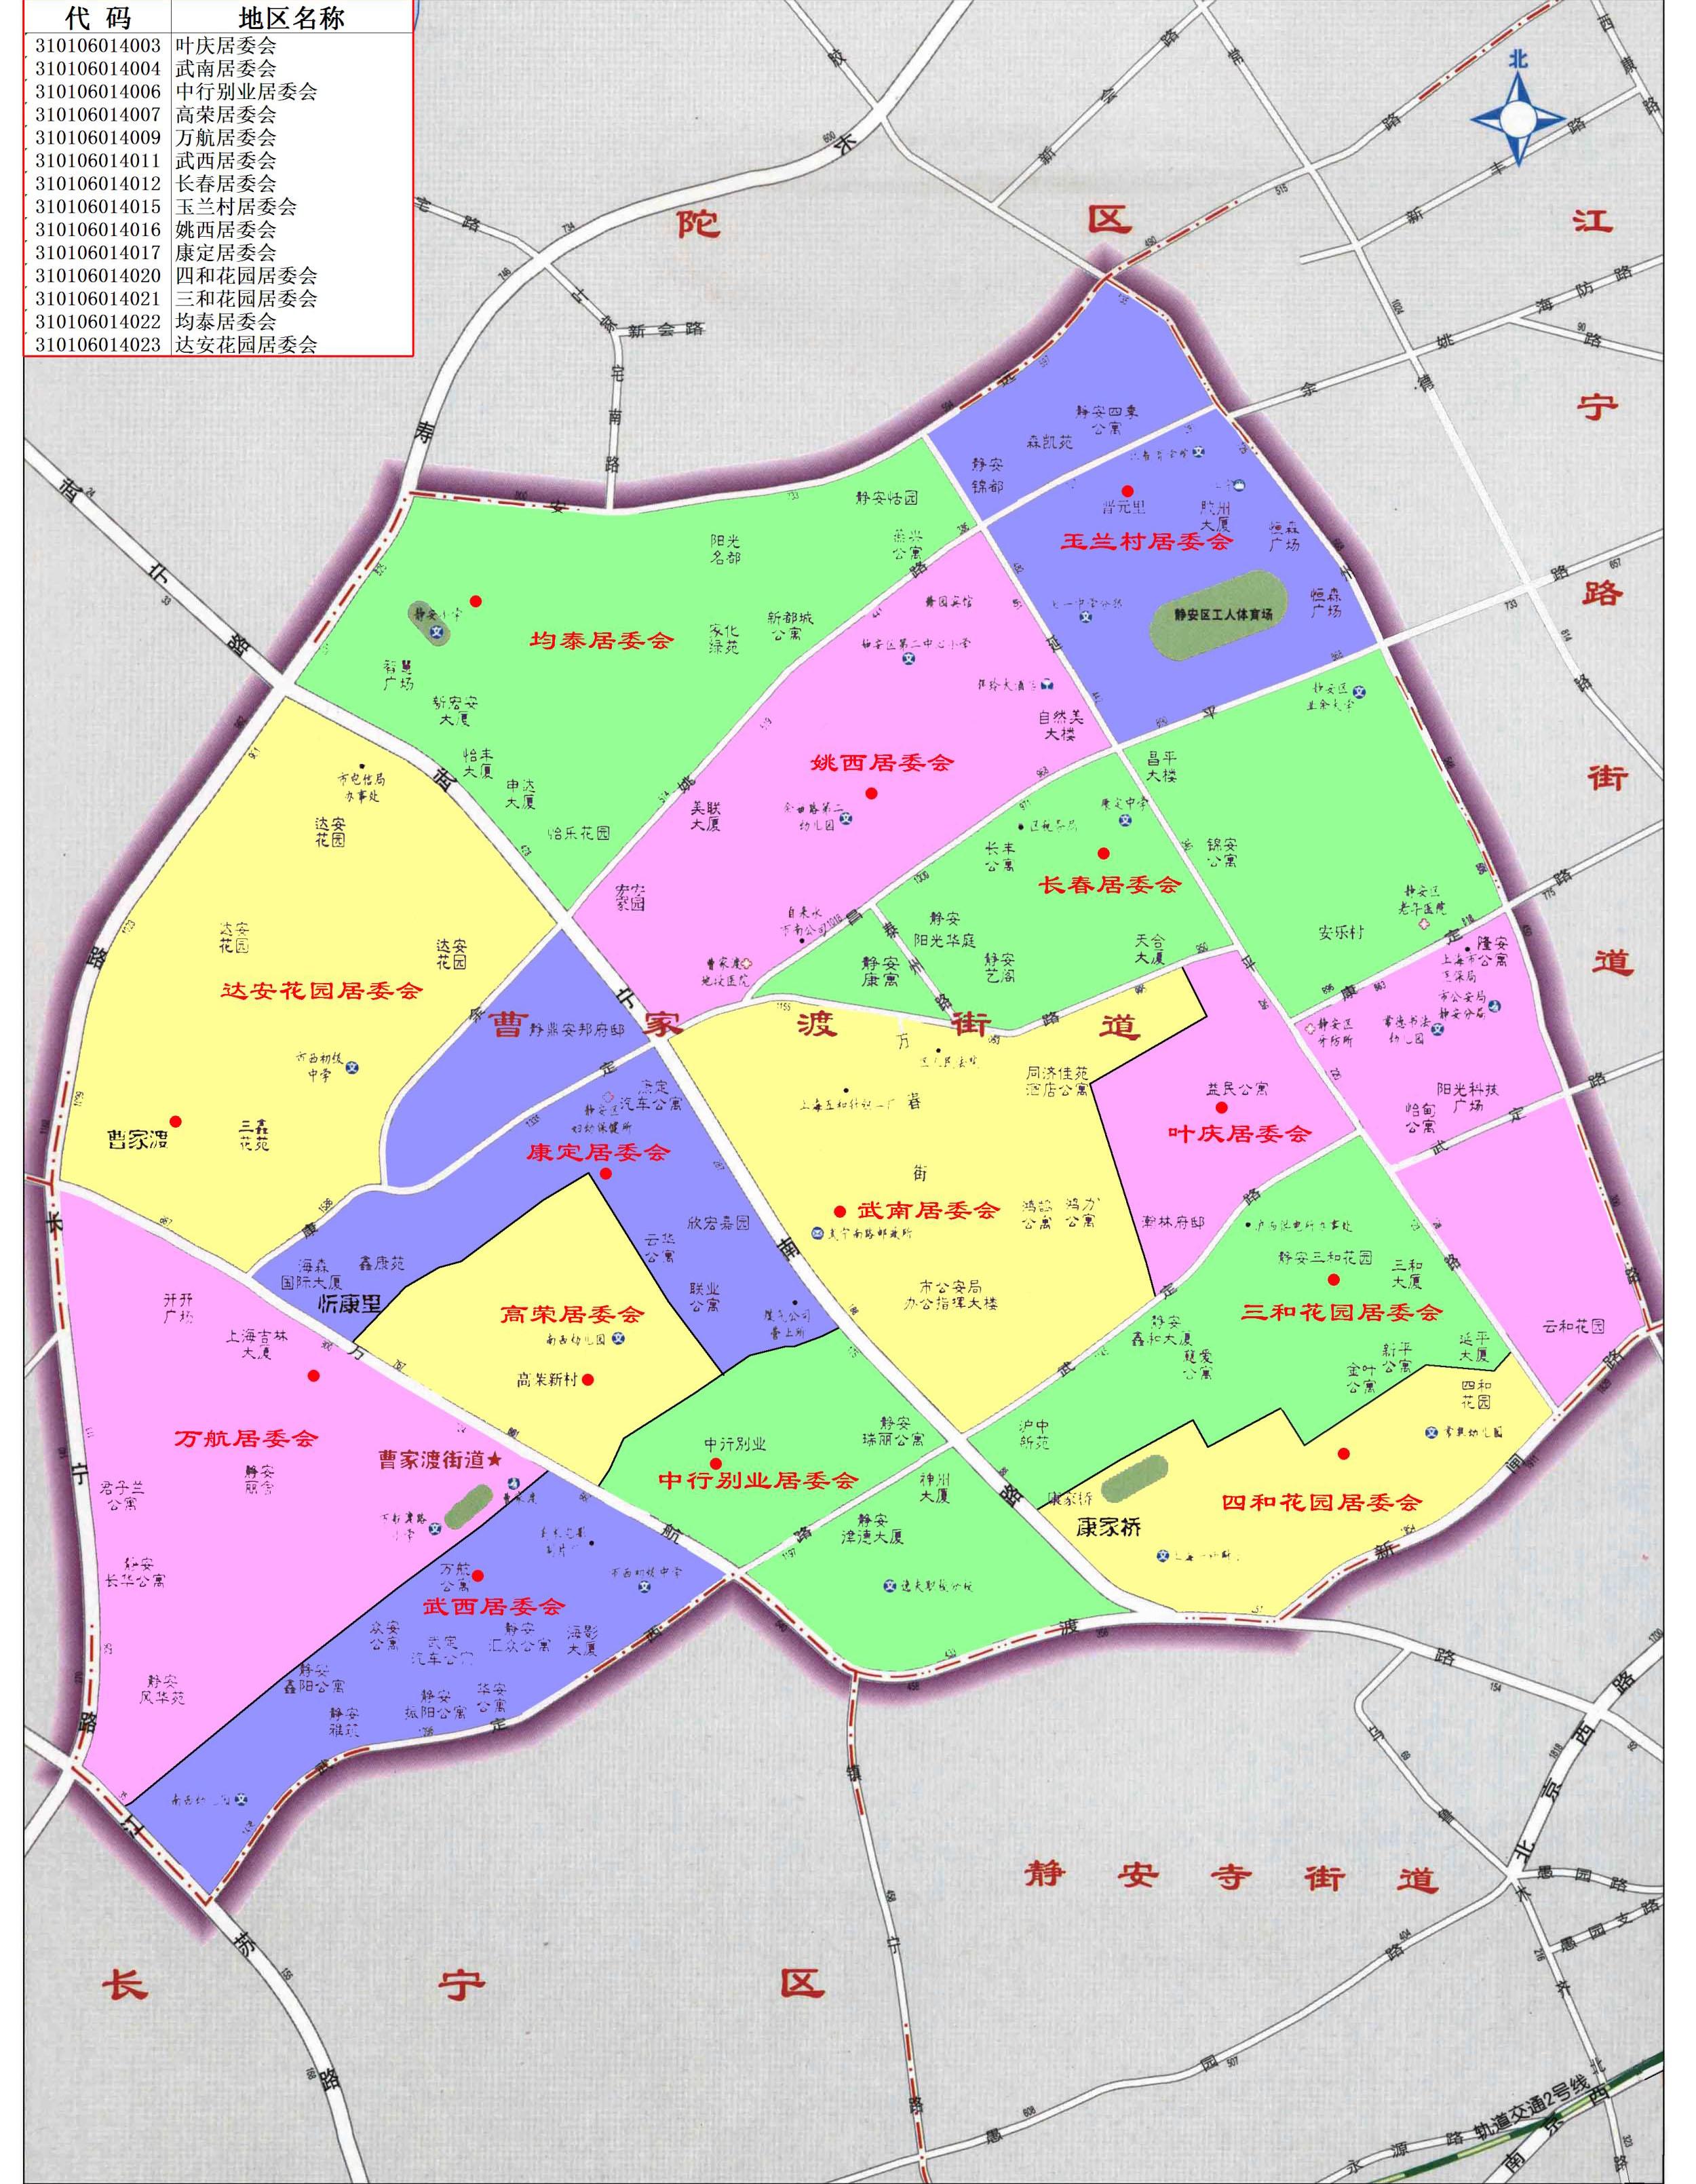 青田鹤城镇街道地图